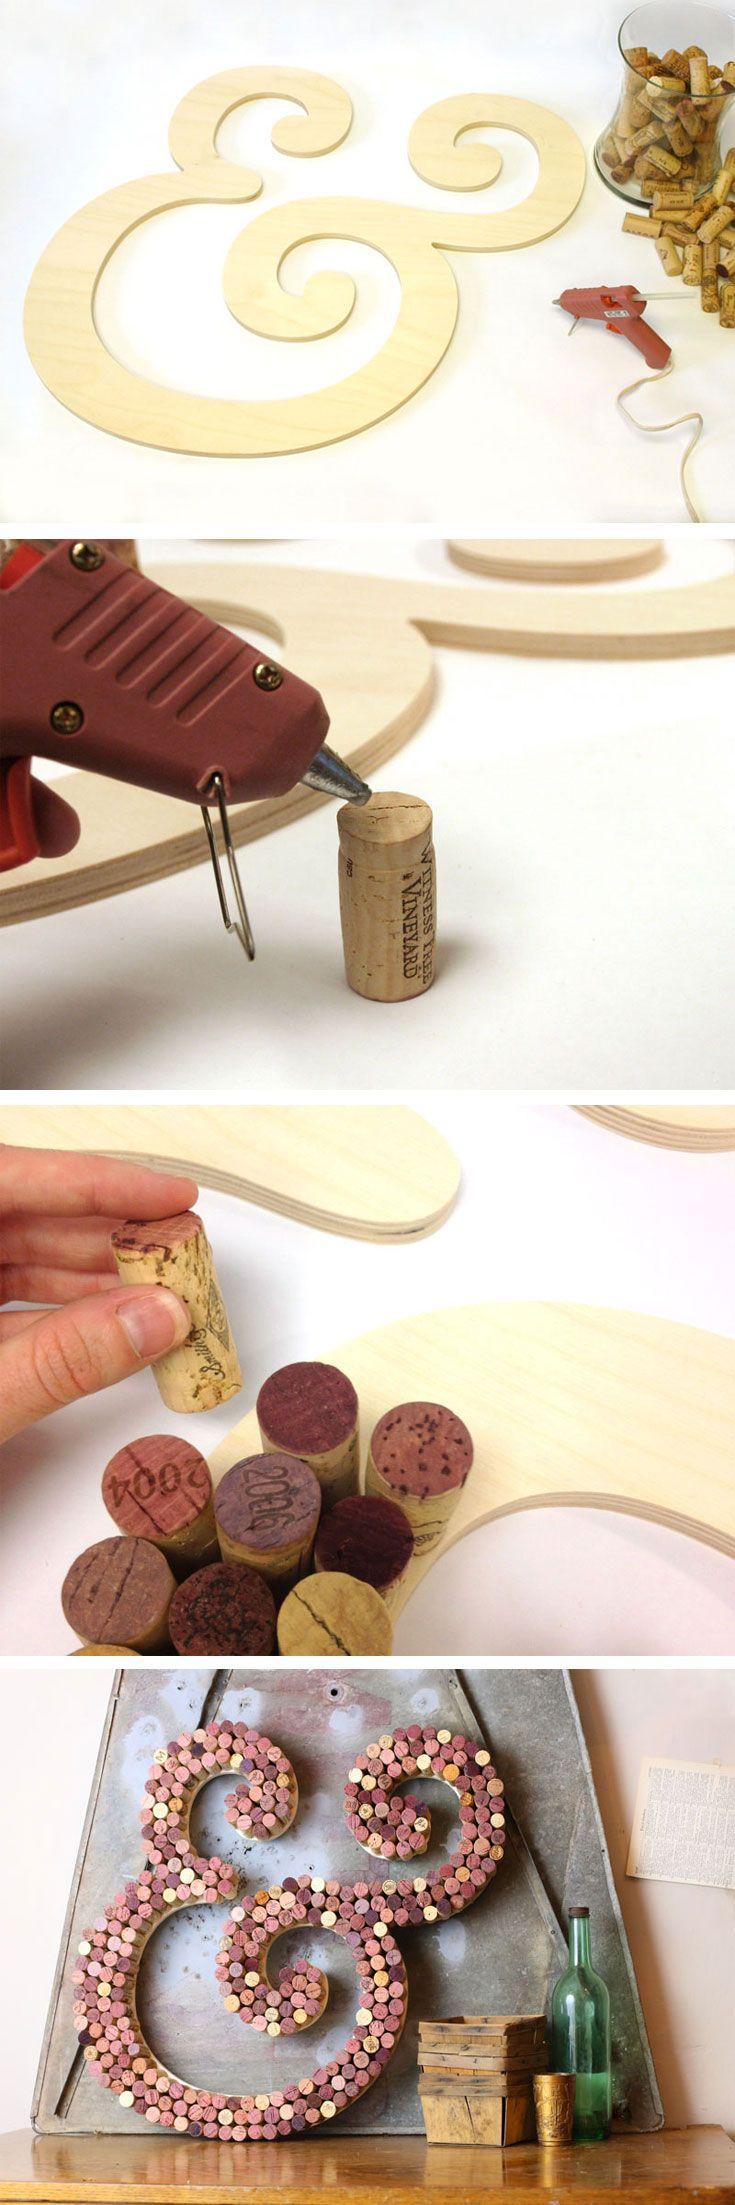 wine cork letter basteln deko pinterest zum beispiel hochzeitsdeko und korken. Black Bedroom Furniture Sets. Home Design Ideas